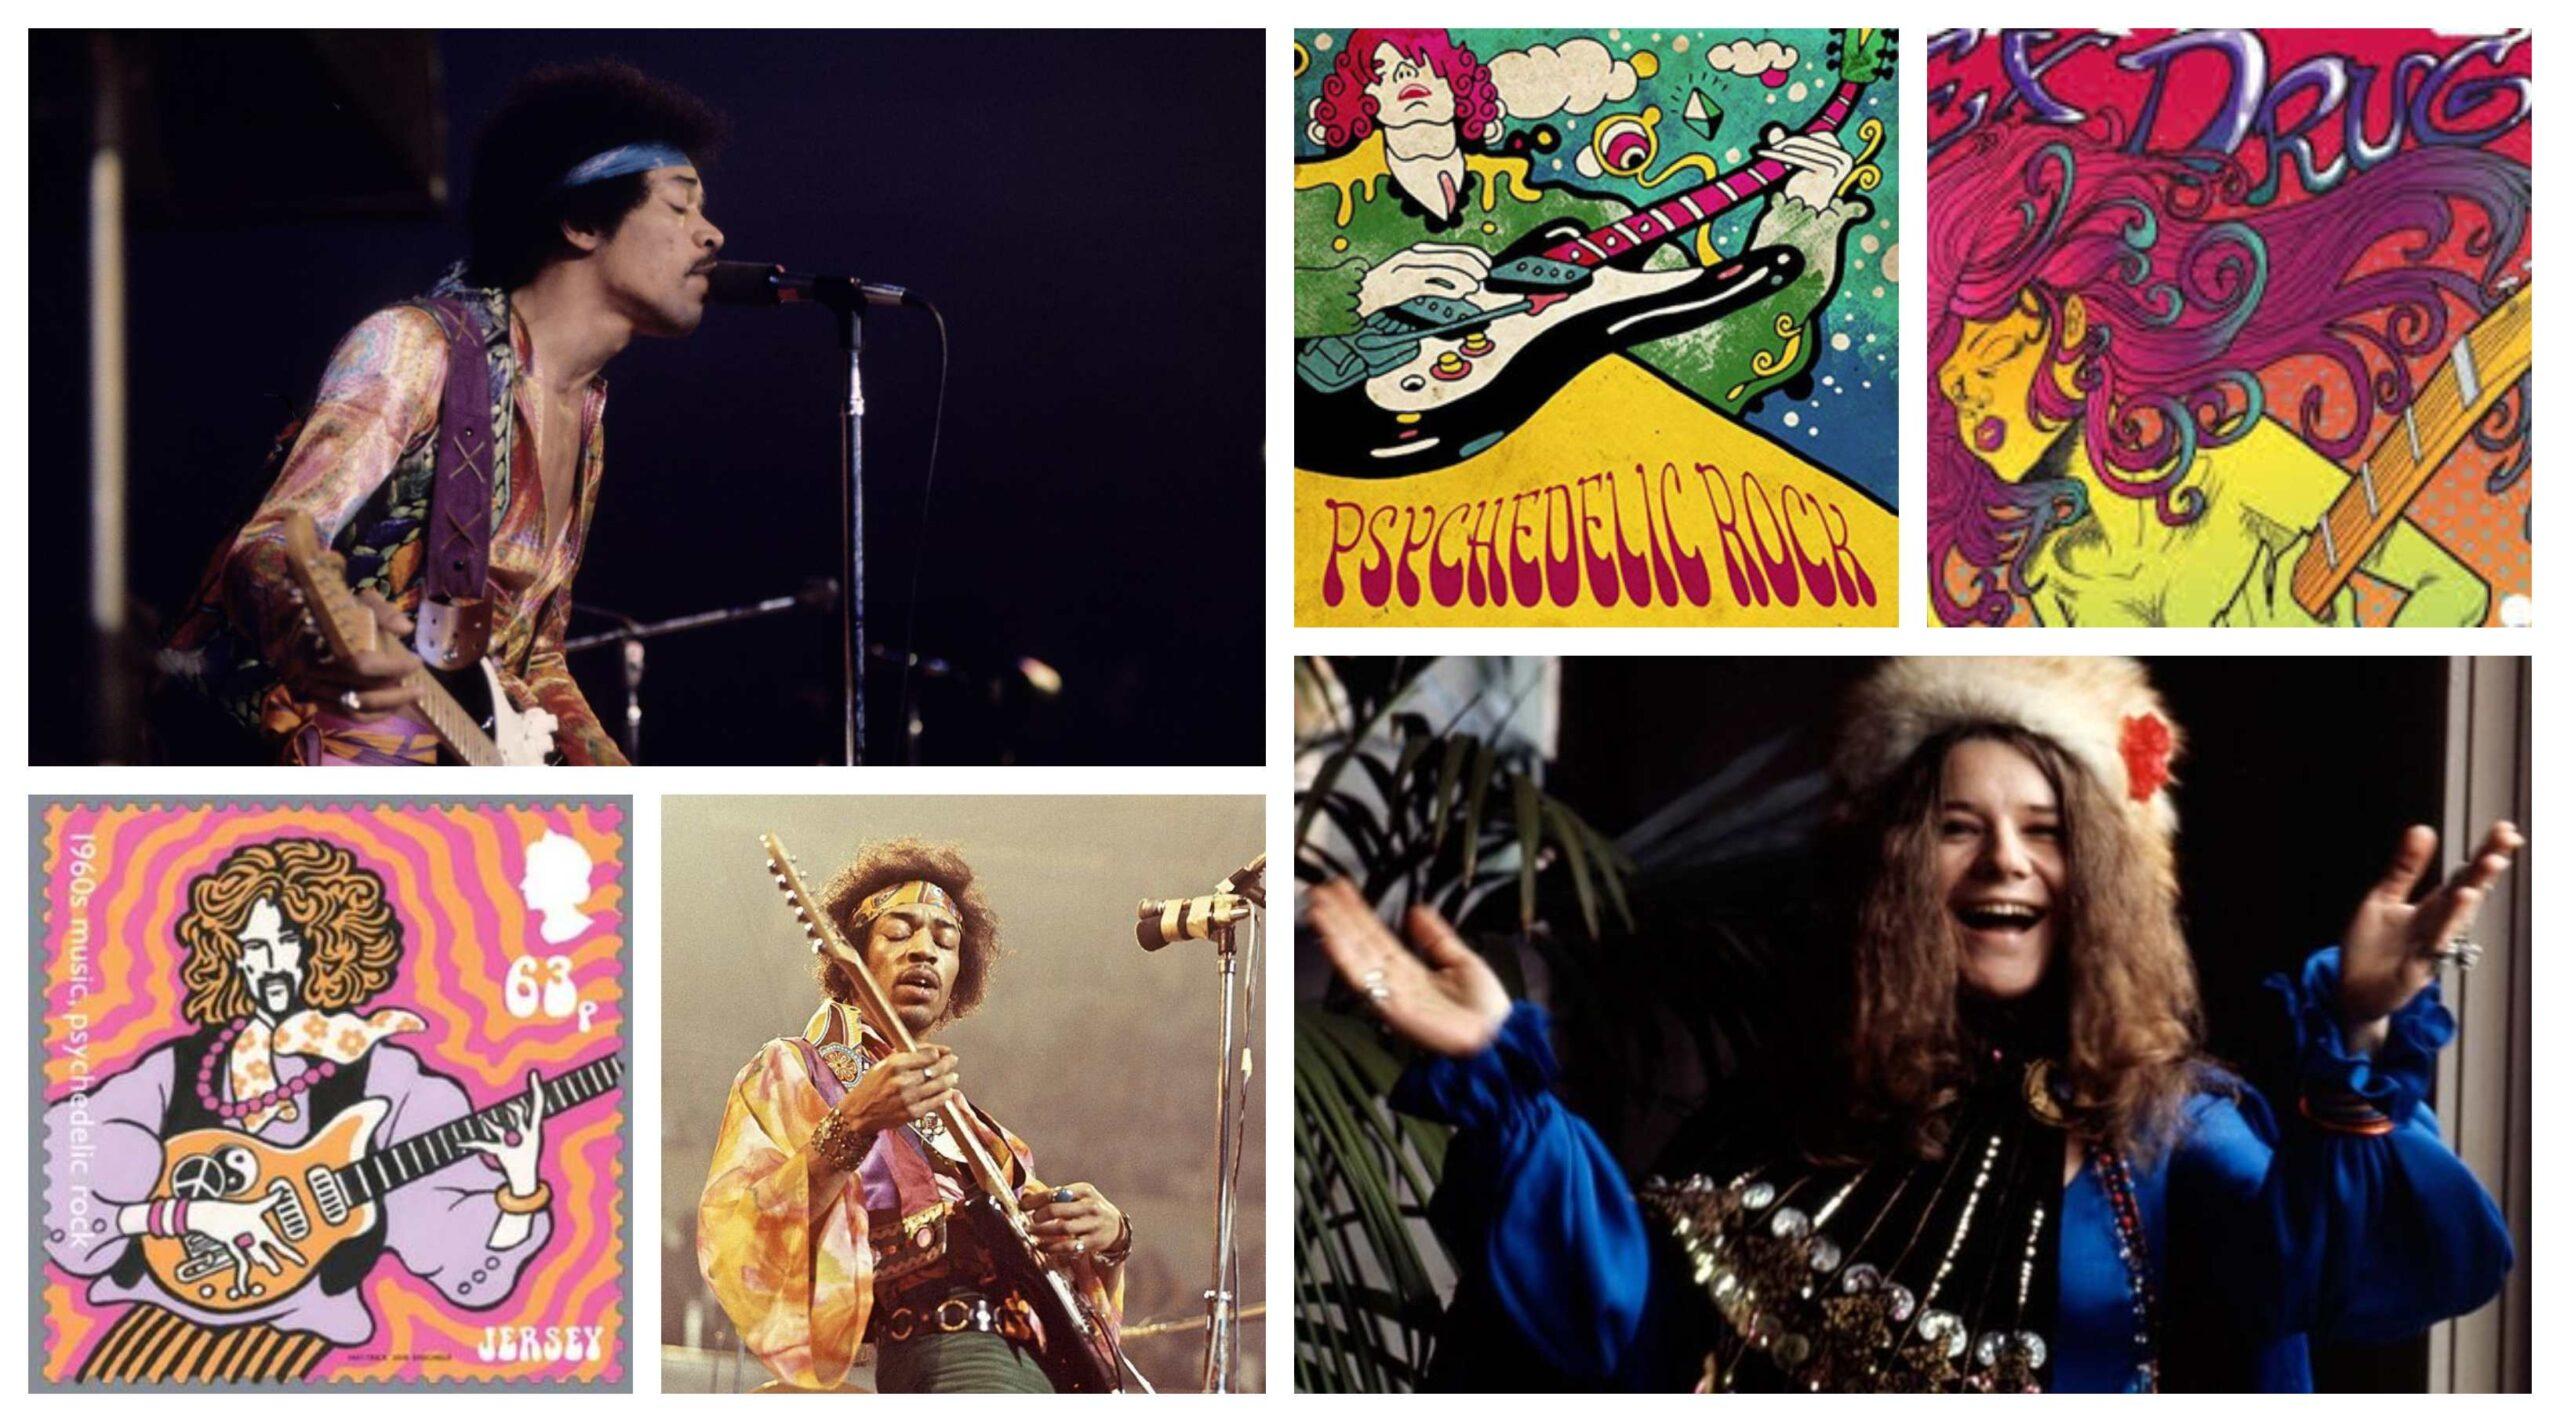 bandas de rock psicodelico anos 60